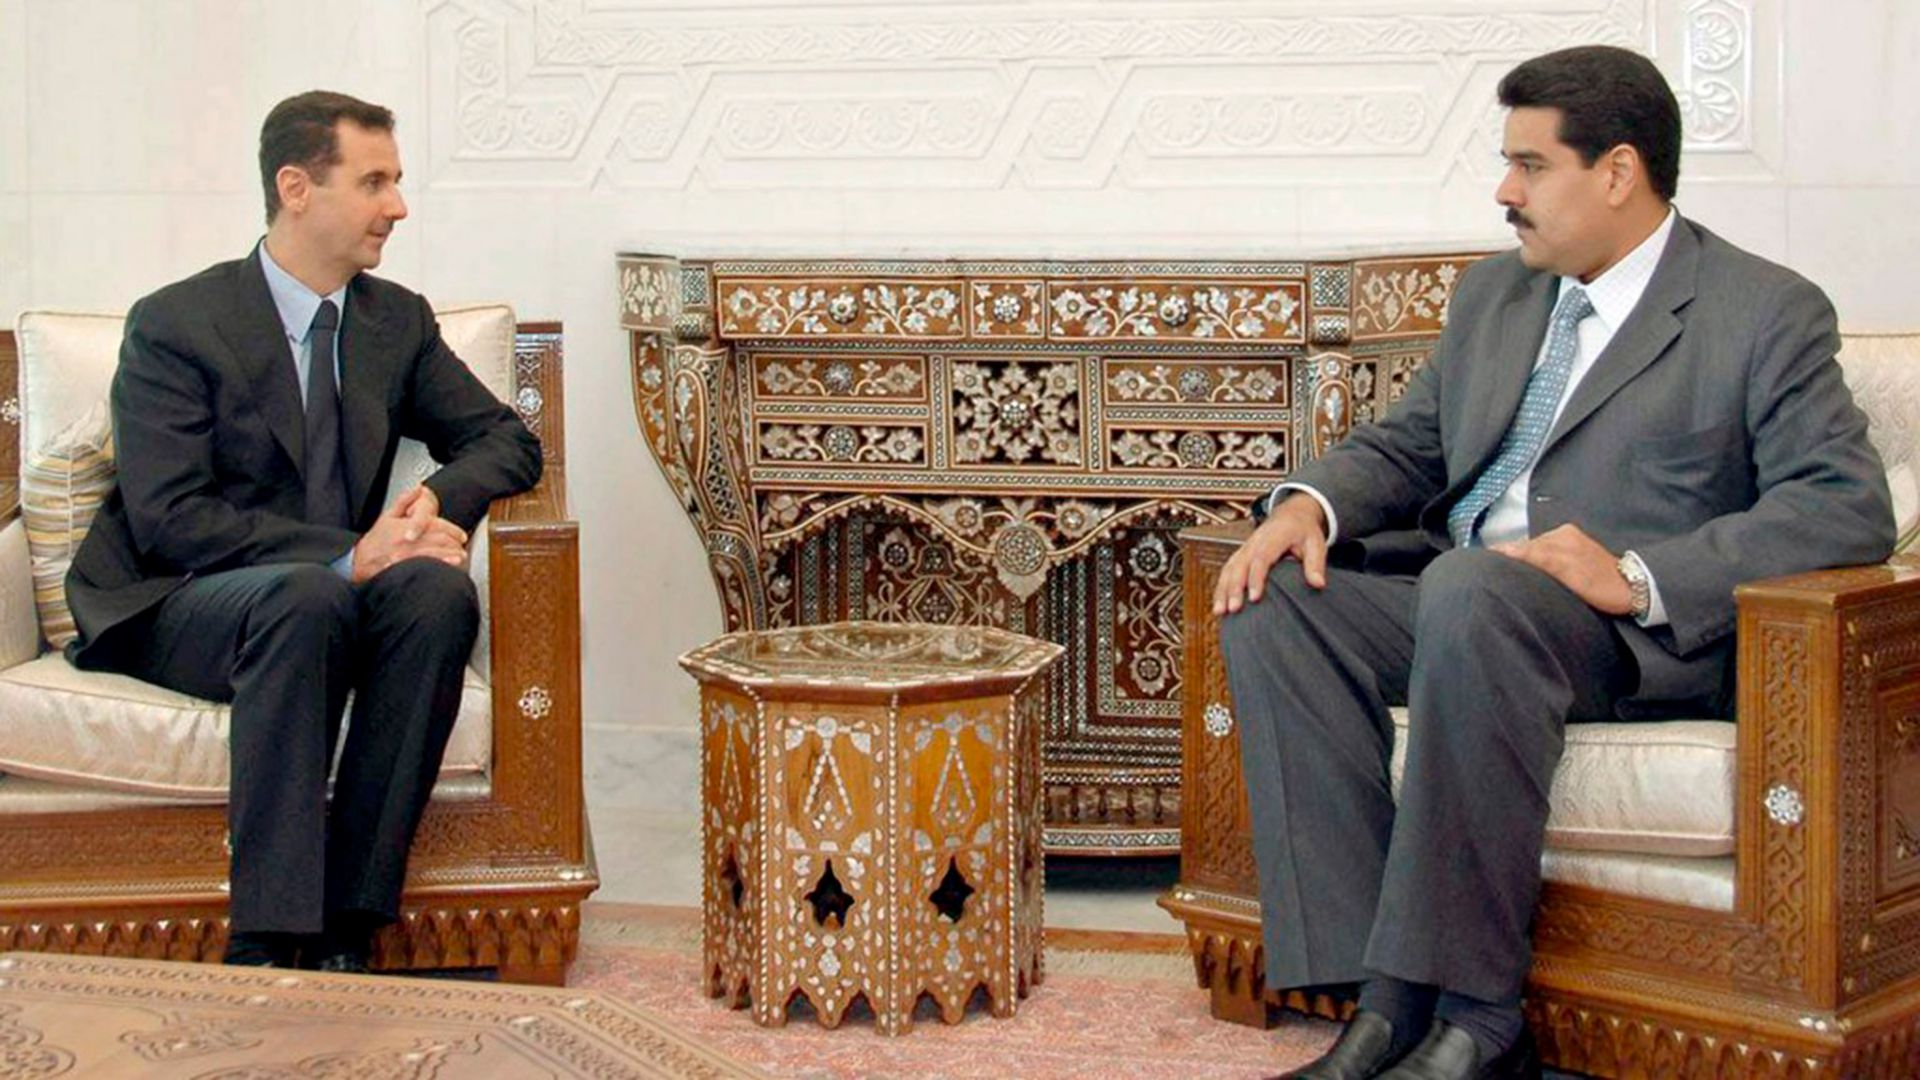 Nicolás Maduro y Bascher el Assad, dictador iraní